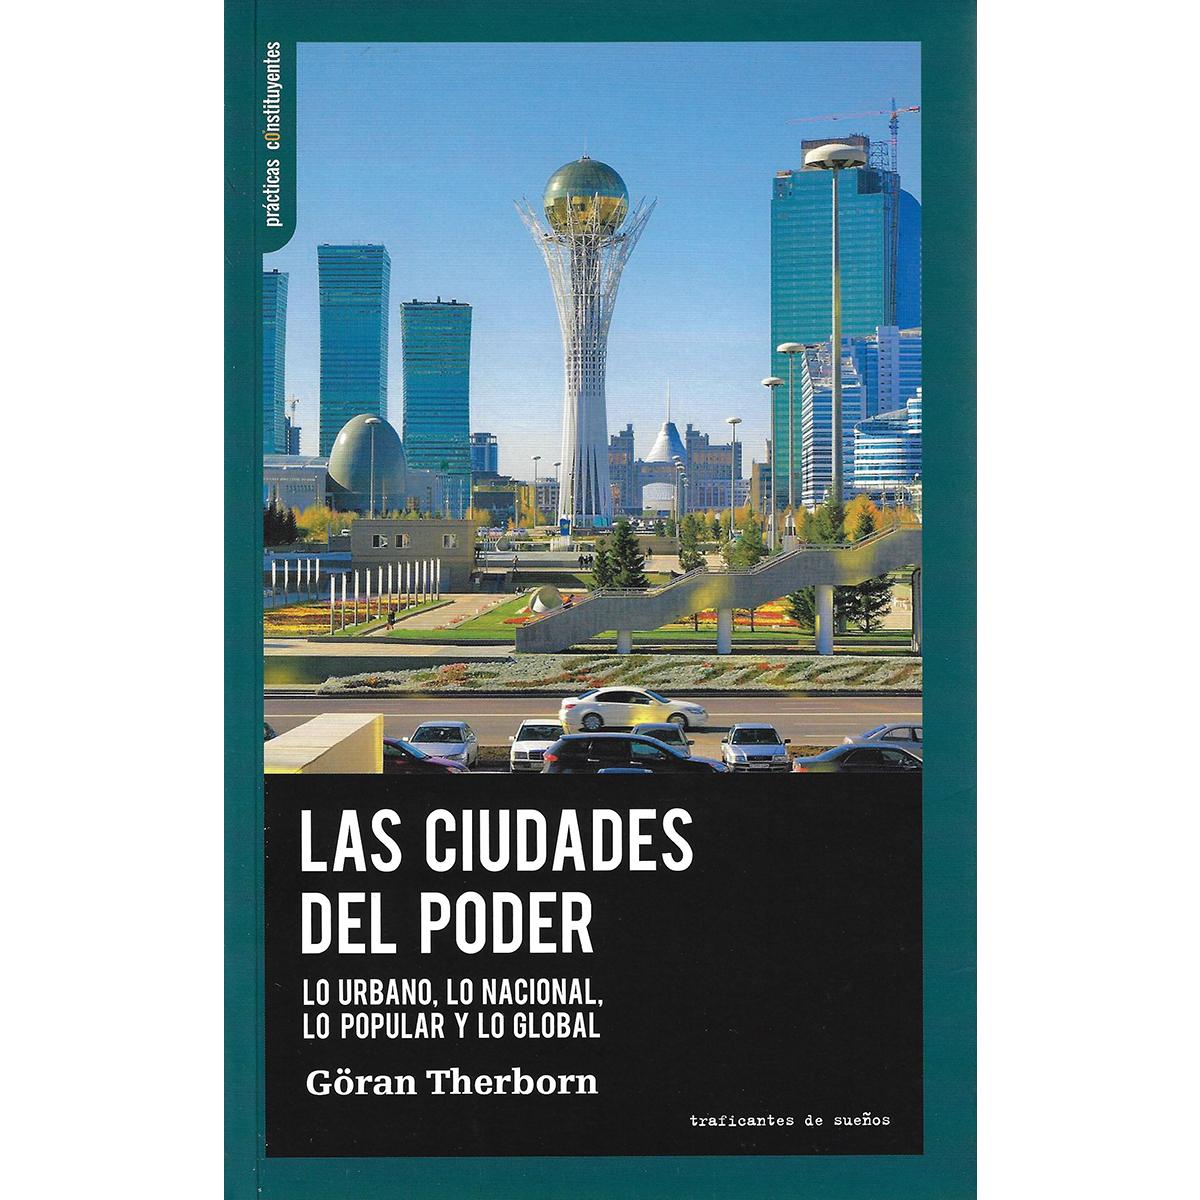 Las ciudades del poder